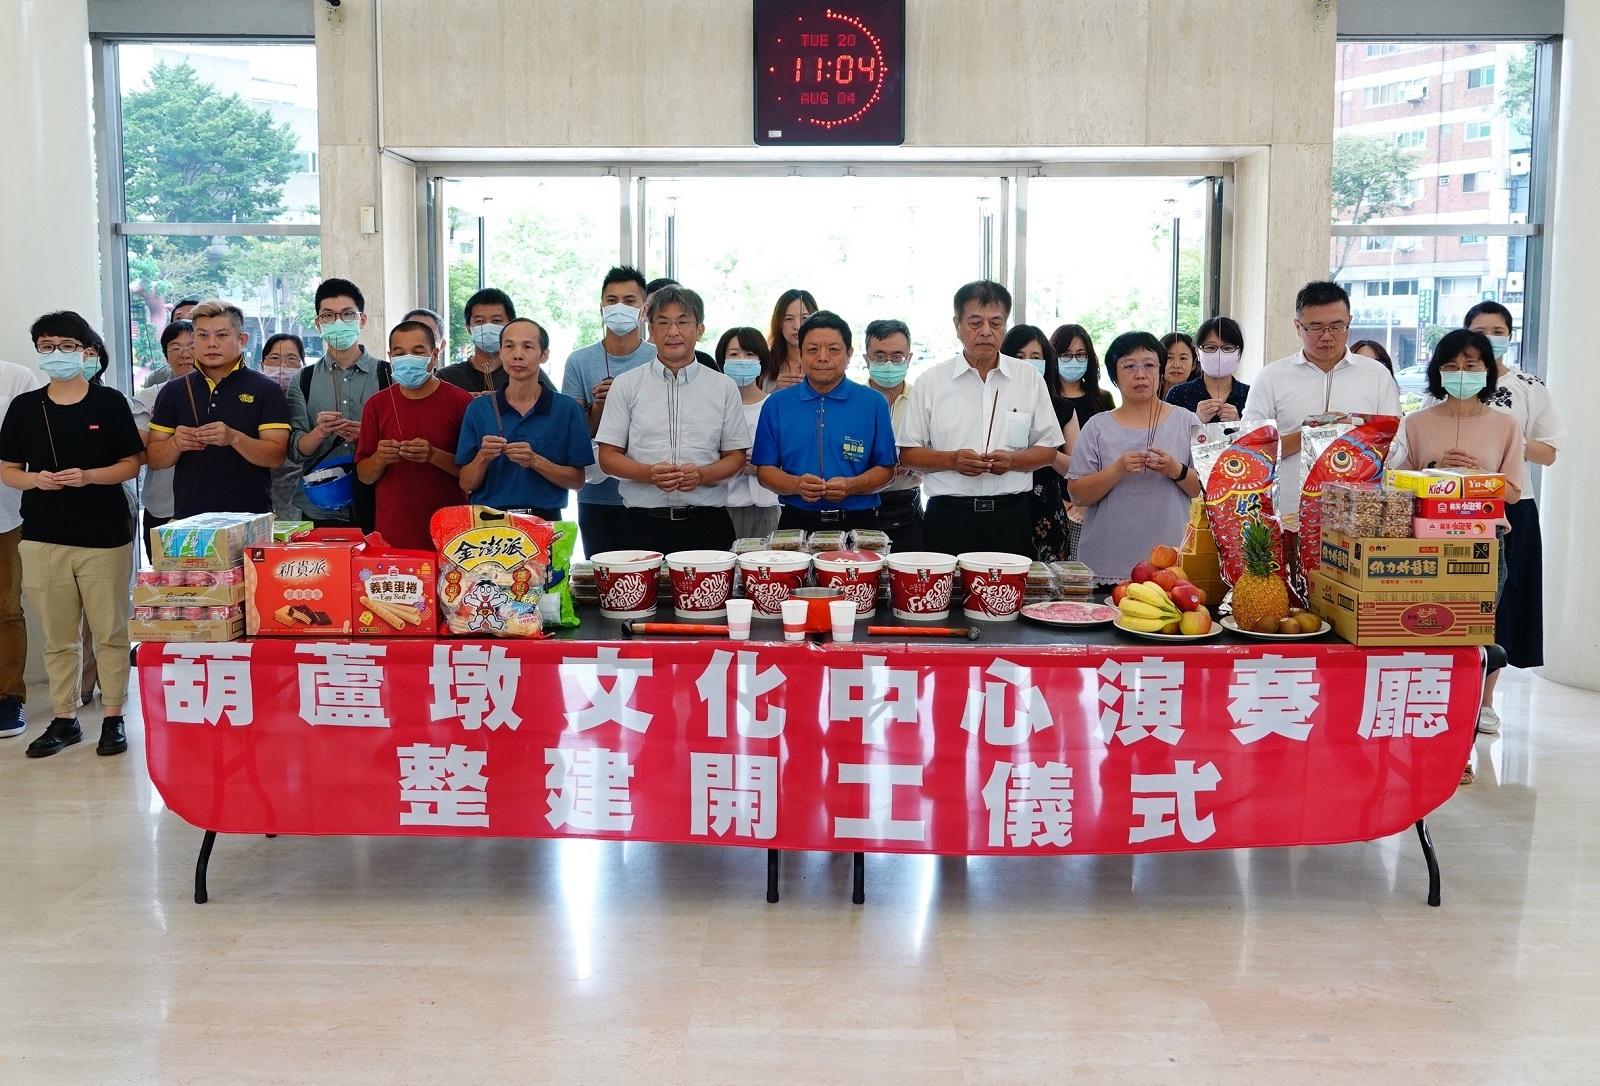 葫蘆墩文化中心演奏廳整建開工儀式。圖/台中市文化局提供